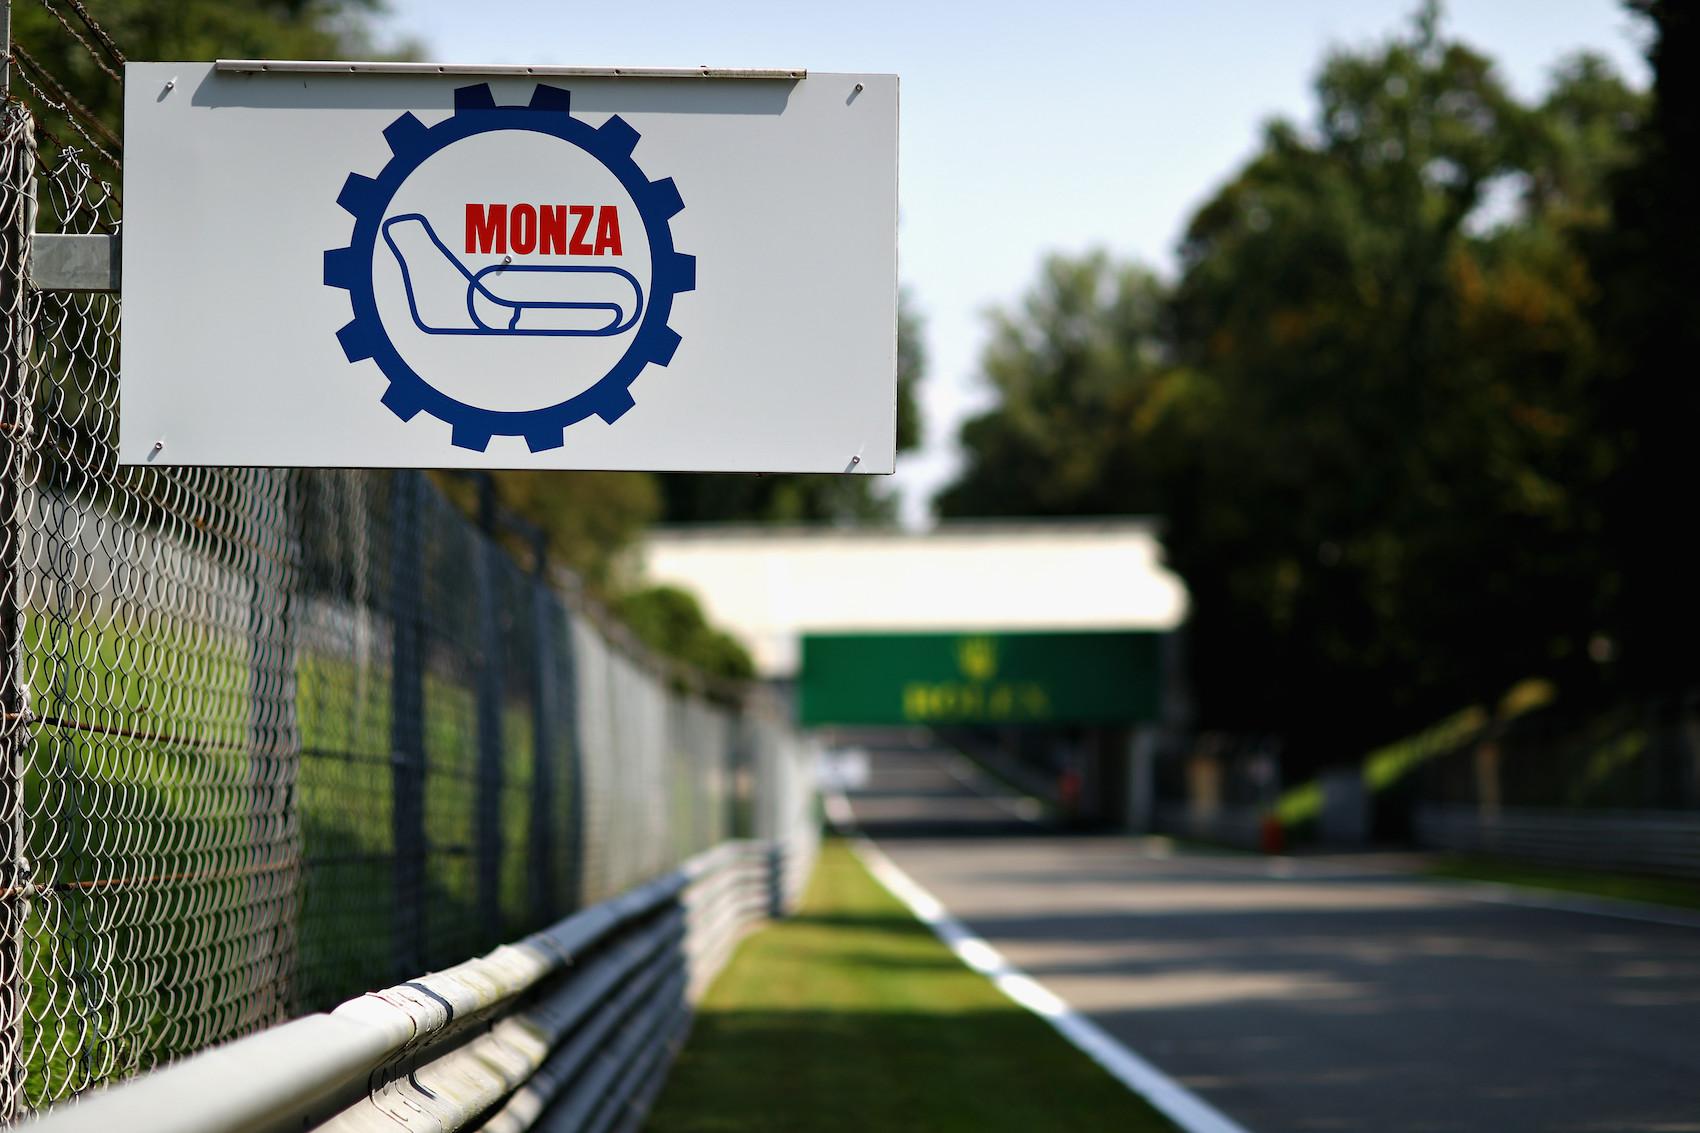 Monza Olasz Nagydíj, autósport közvetítés